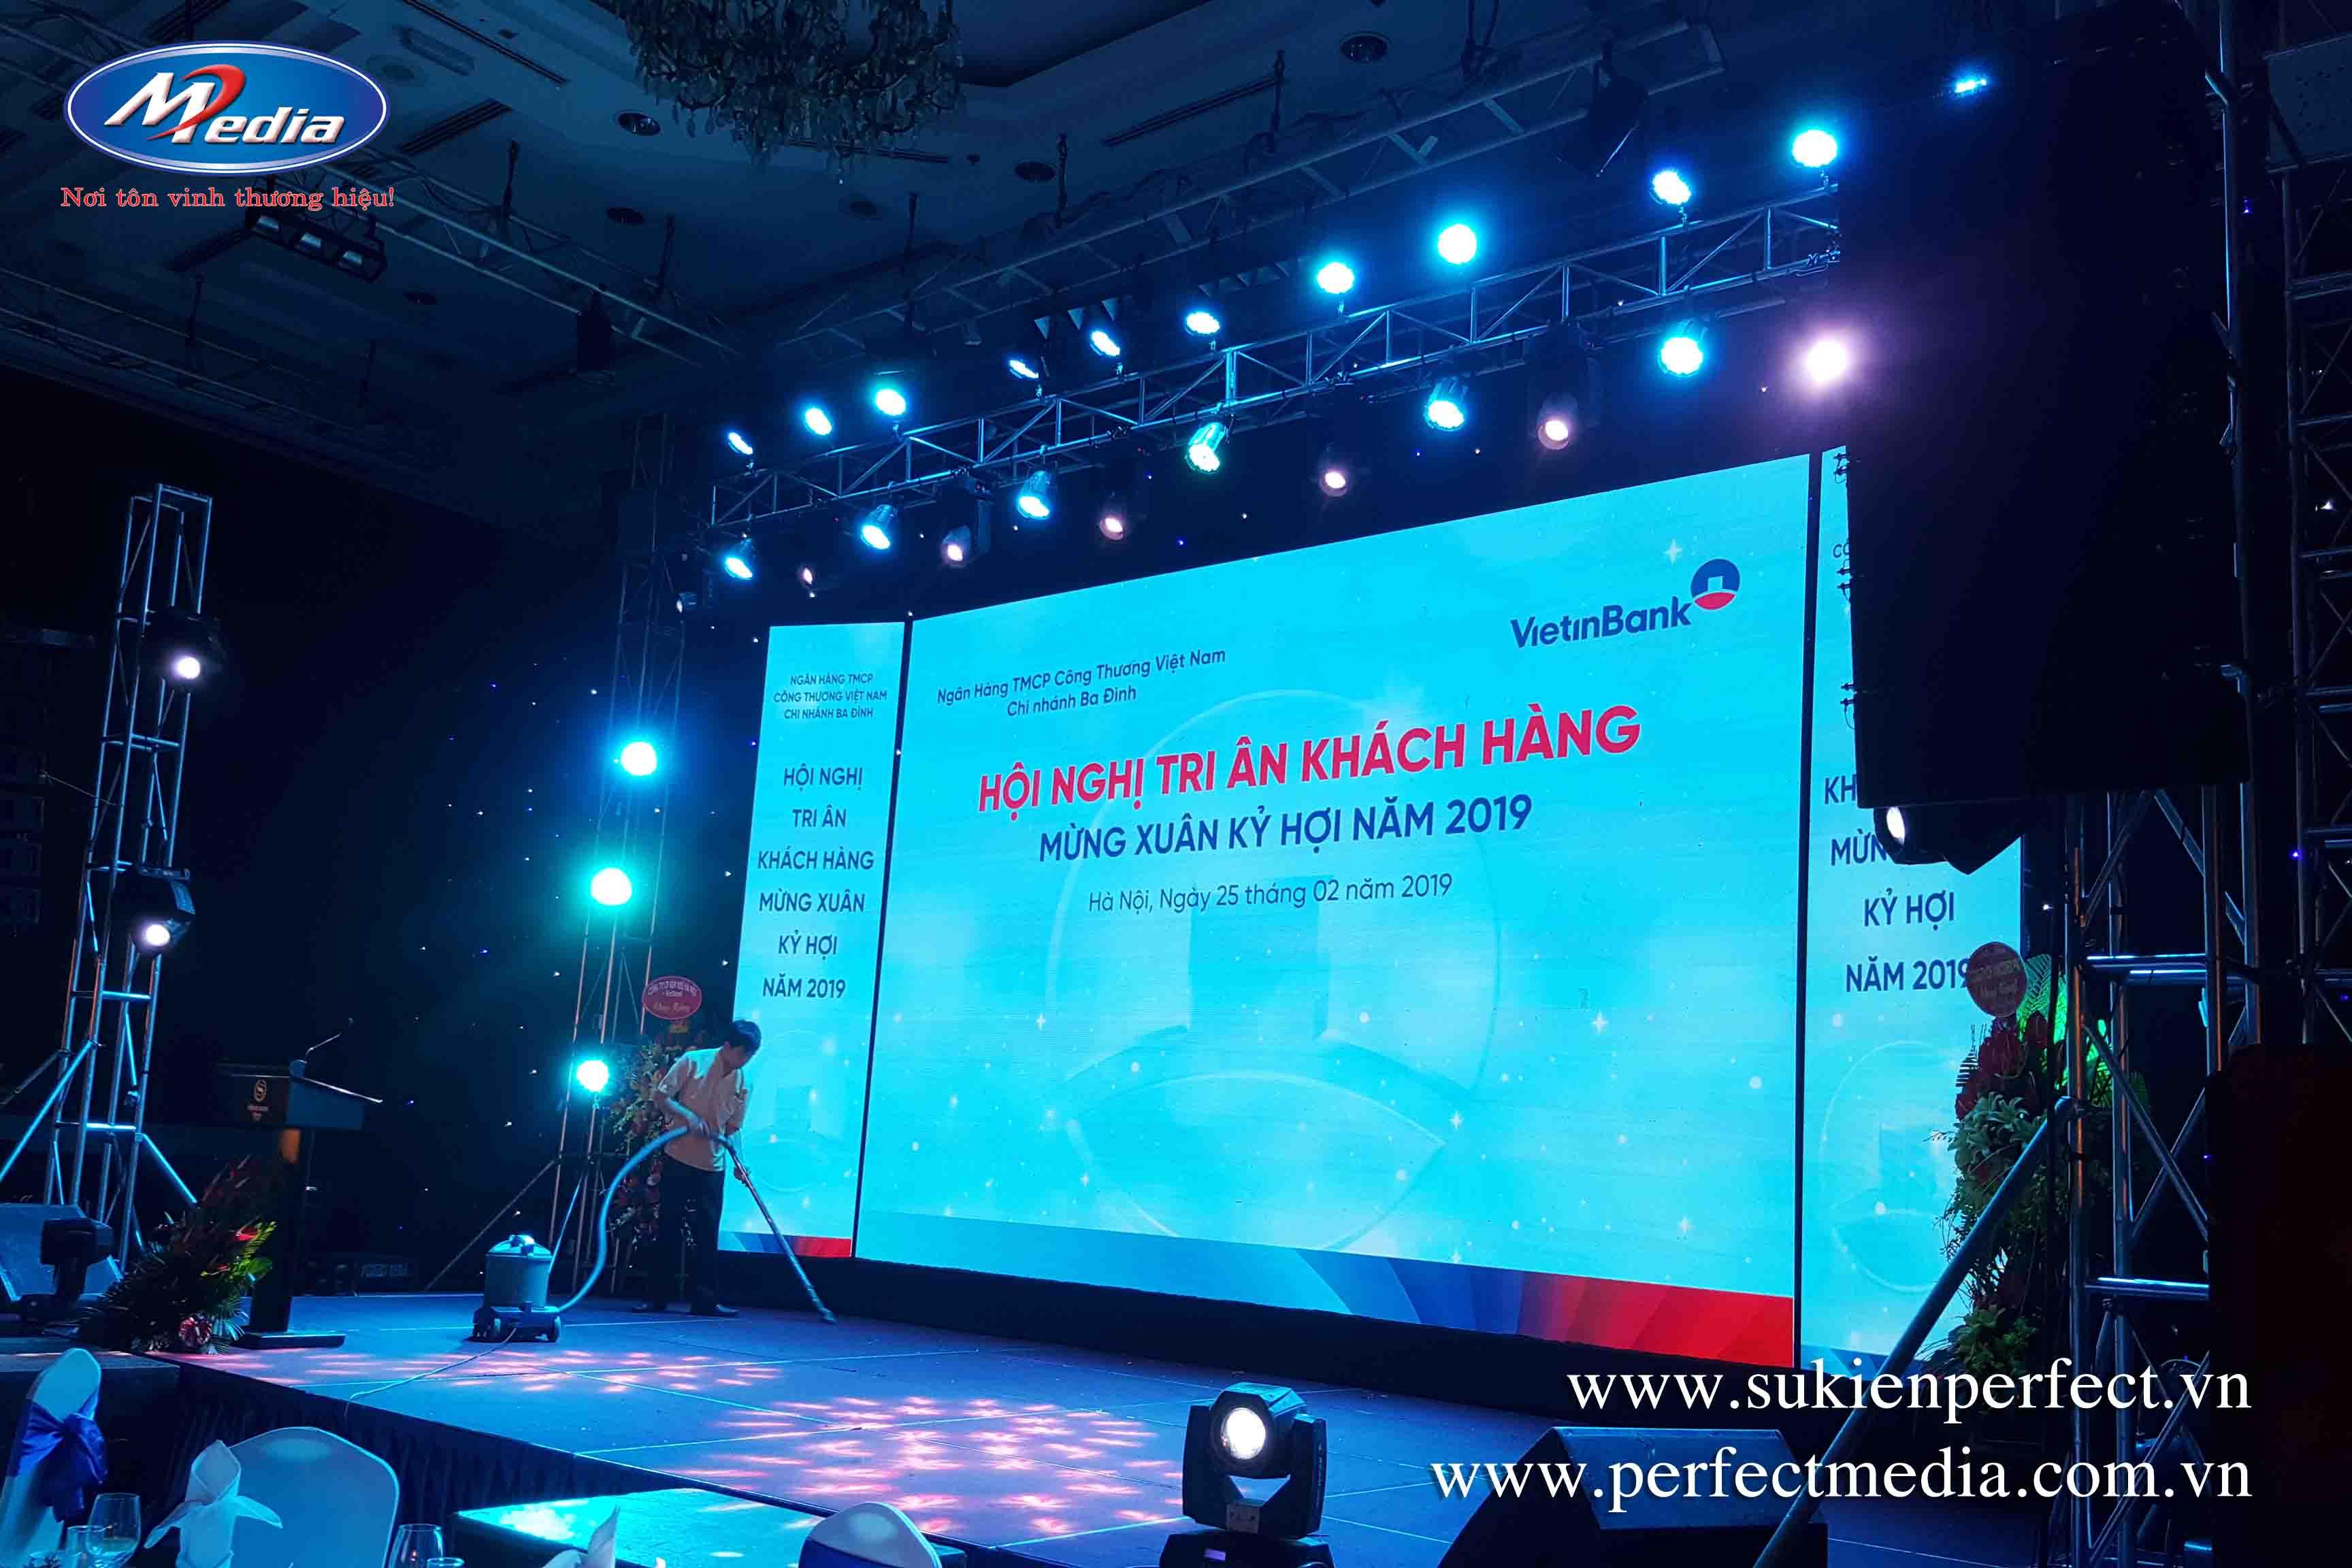 tổ chức hội nghị/hội thảo, tri ân khách hàng ở Hà Nội